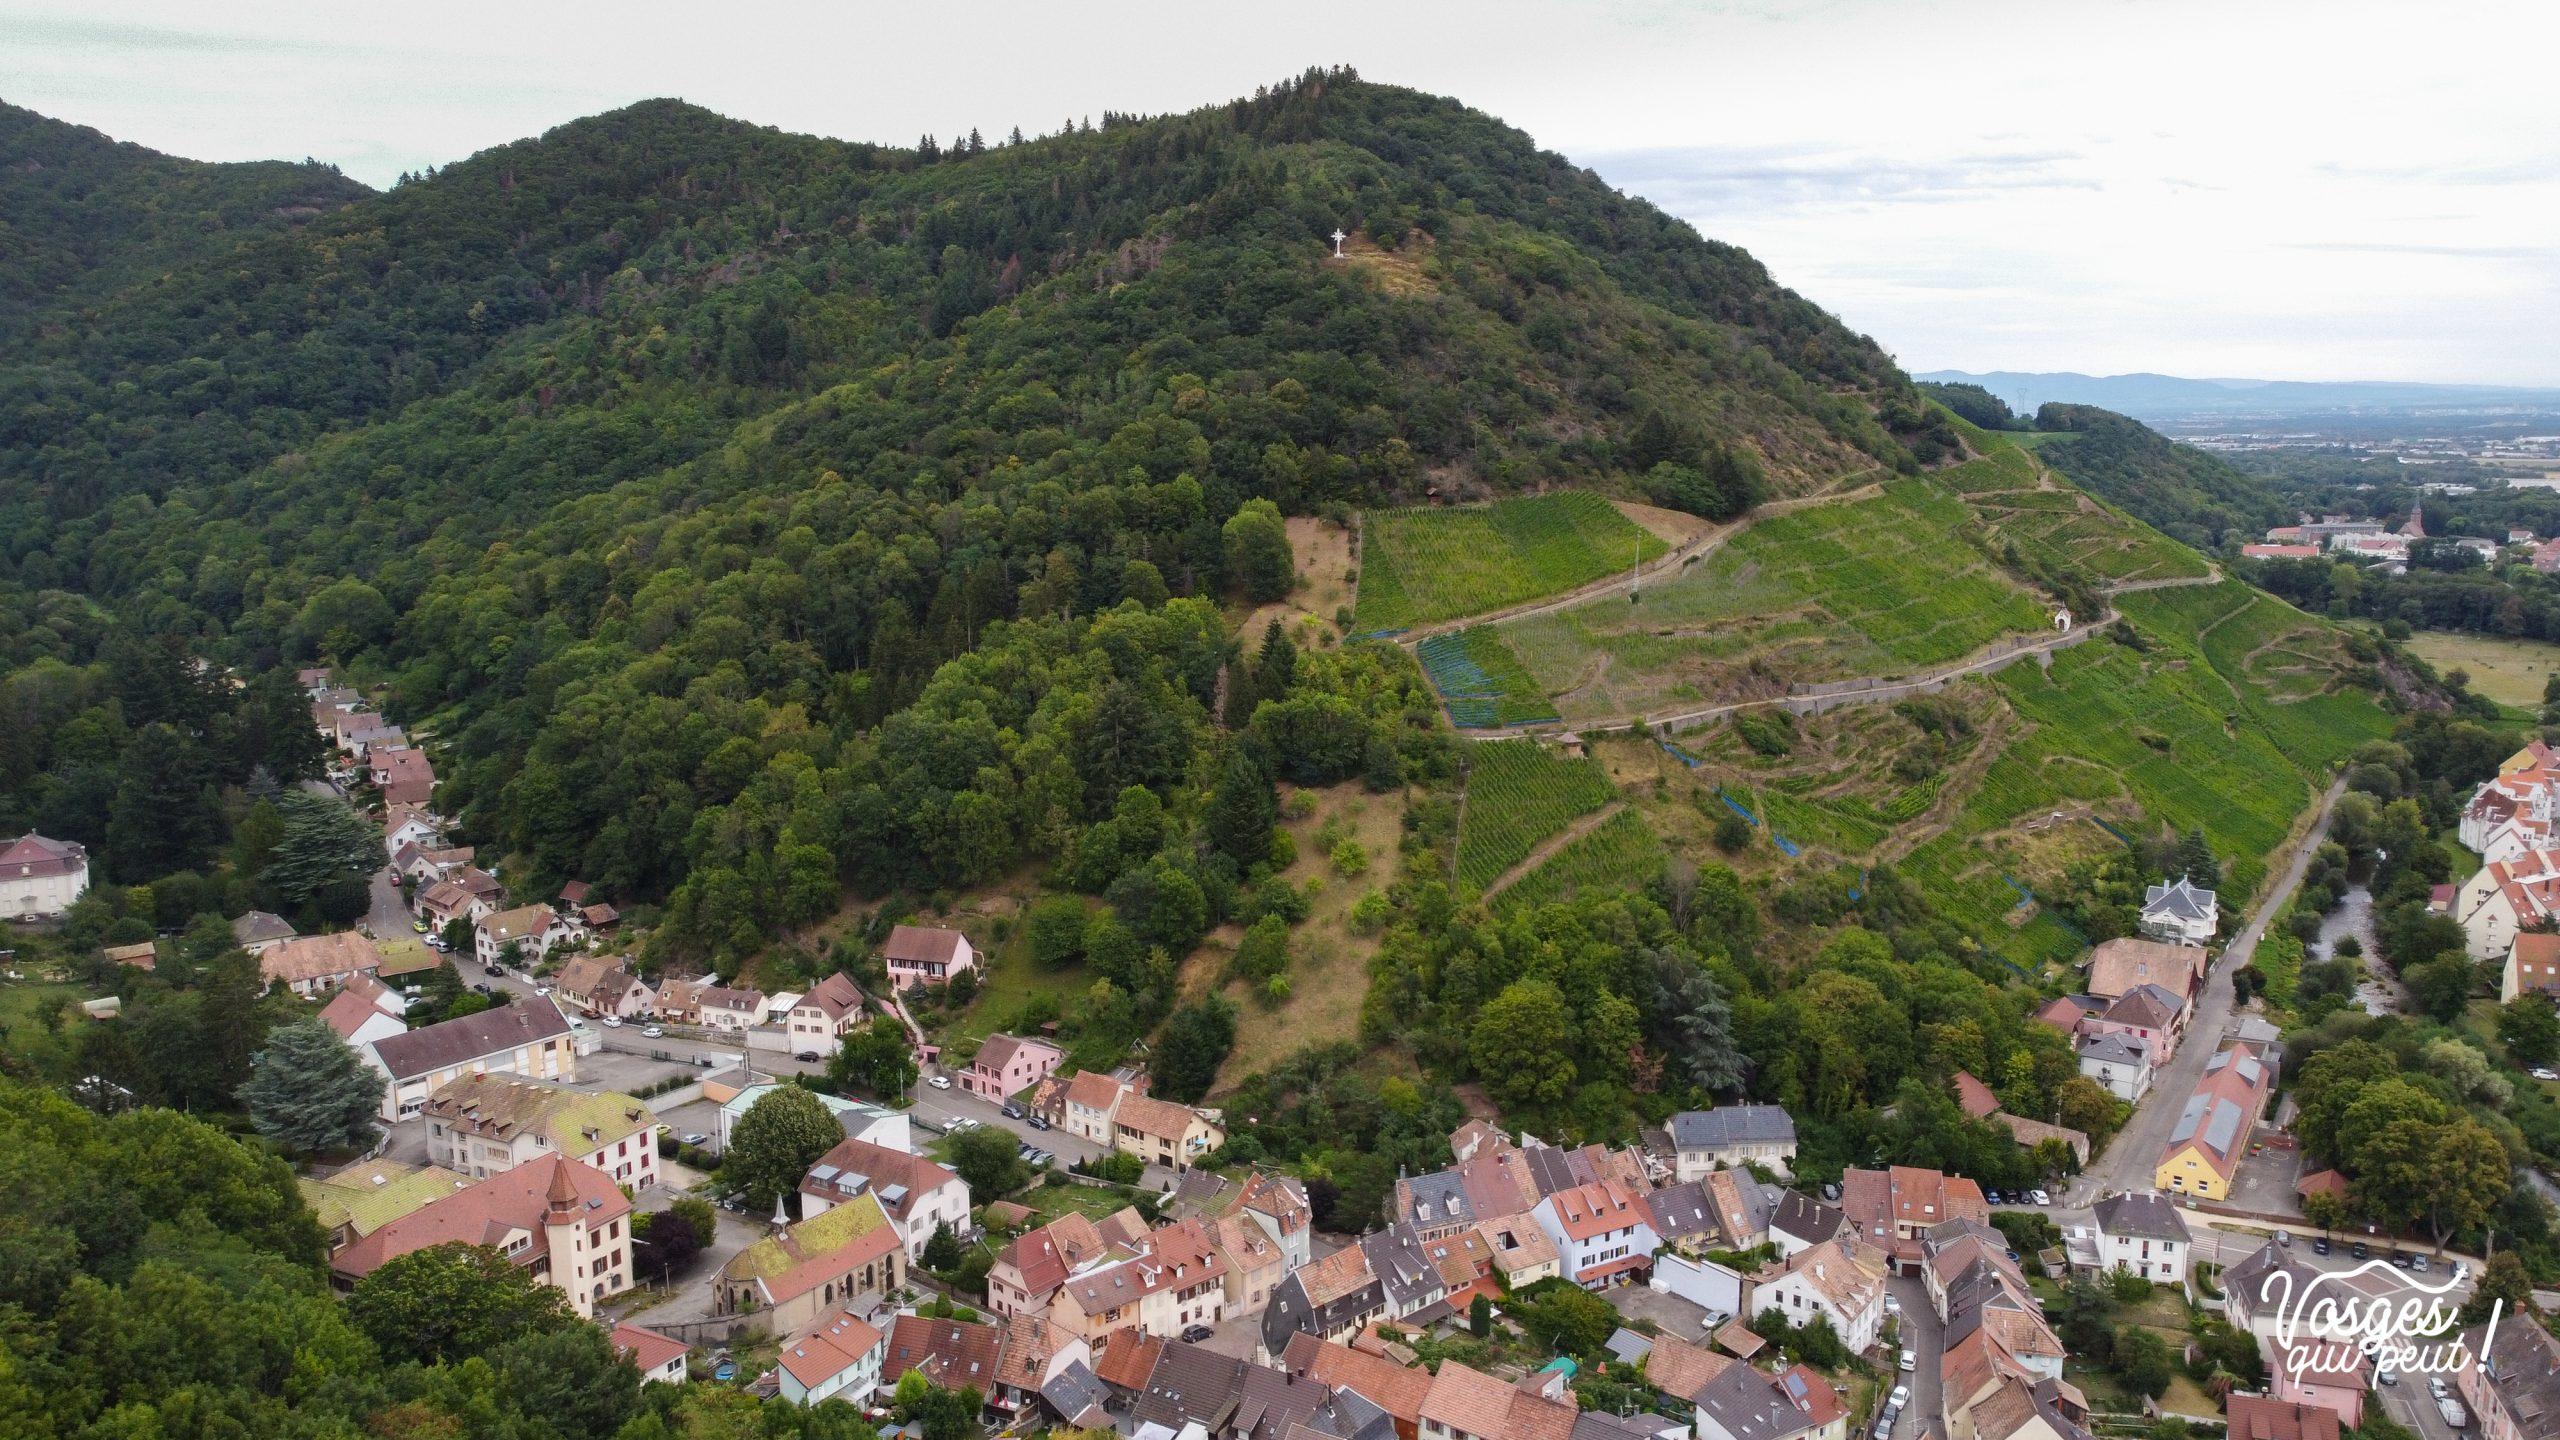 Vue aérienne du vignoble de Thann sur la Route des Vins d'Alsace